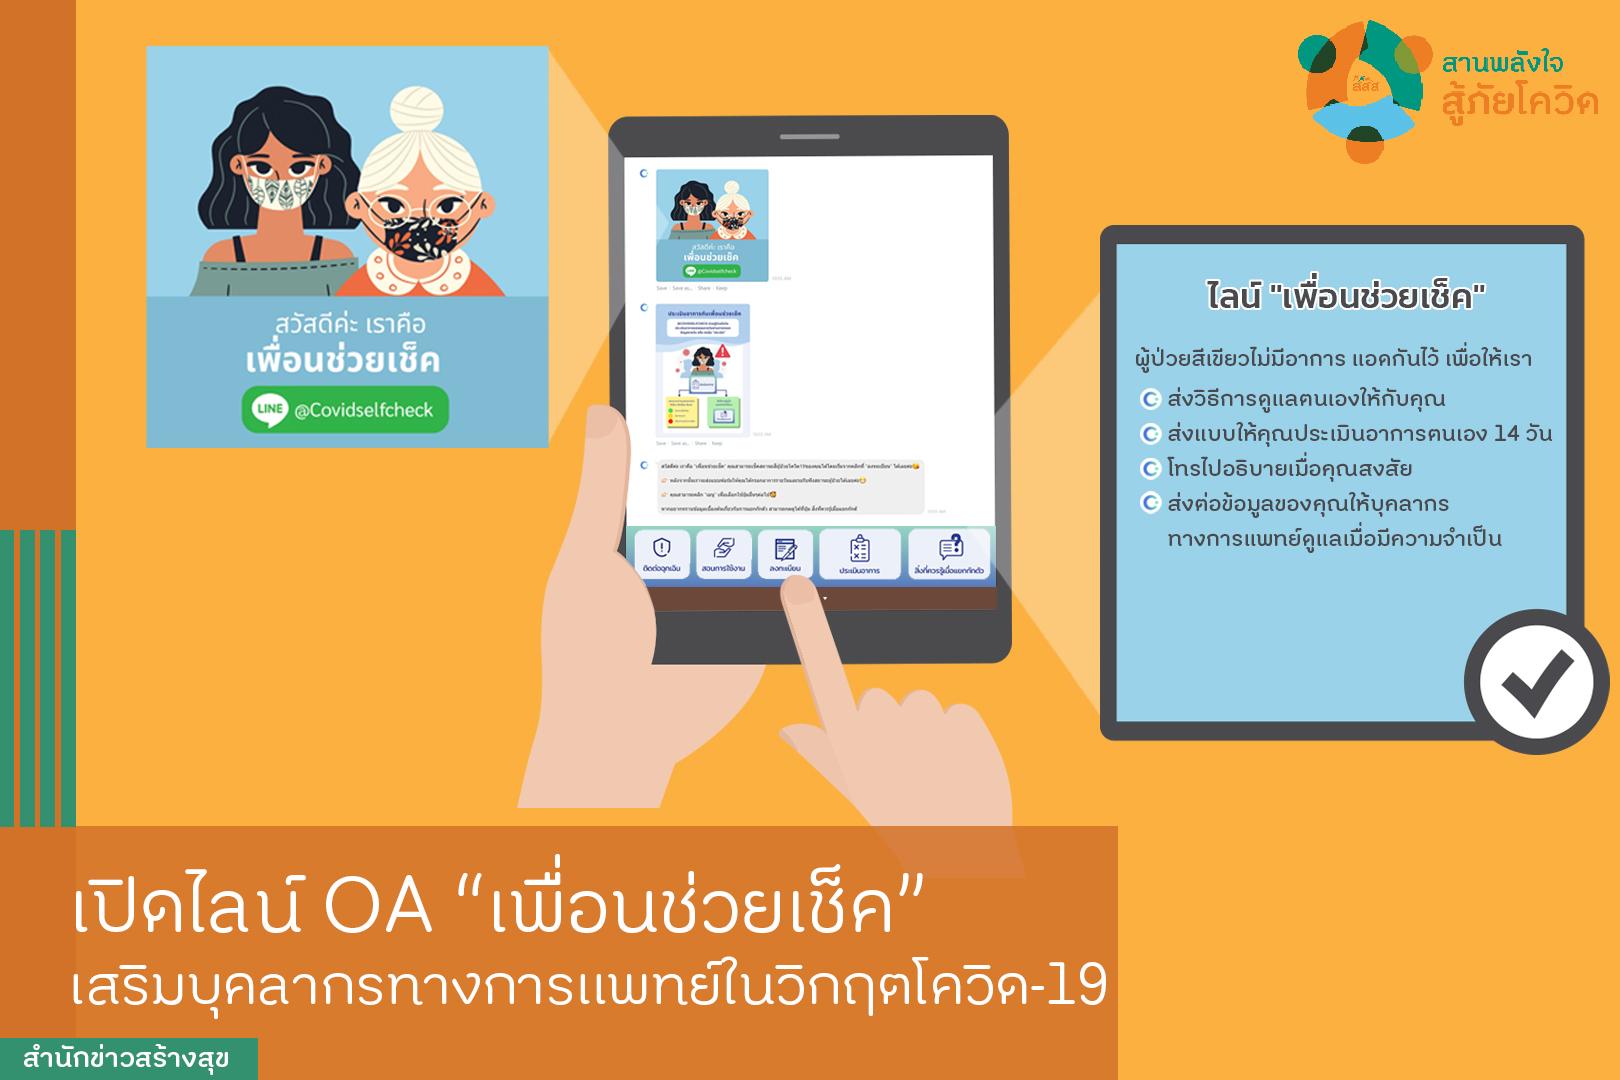 เปิดไลน์ OA เพื่อนช่วยเช็ค เสริมบุคลากรทางการแพทย์ในวิกฤตโควิด-19 thaihealth